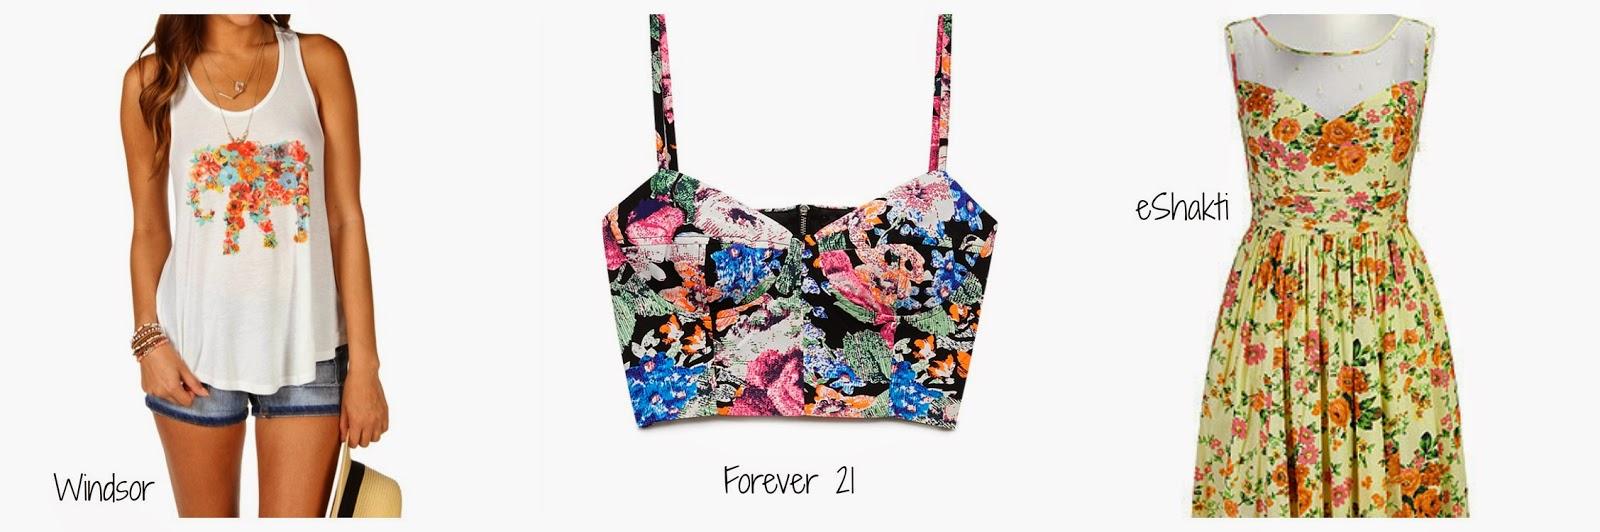 Floral Summer Trends